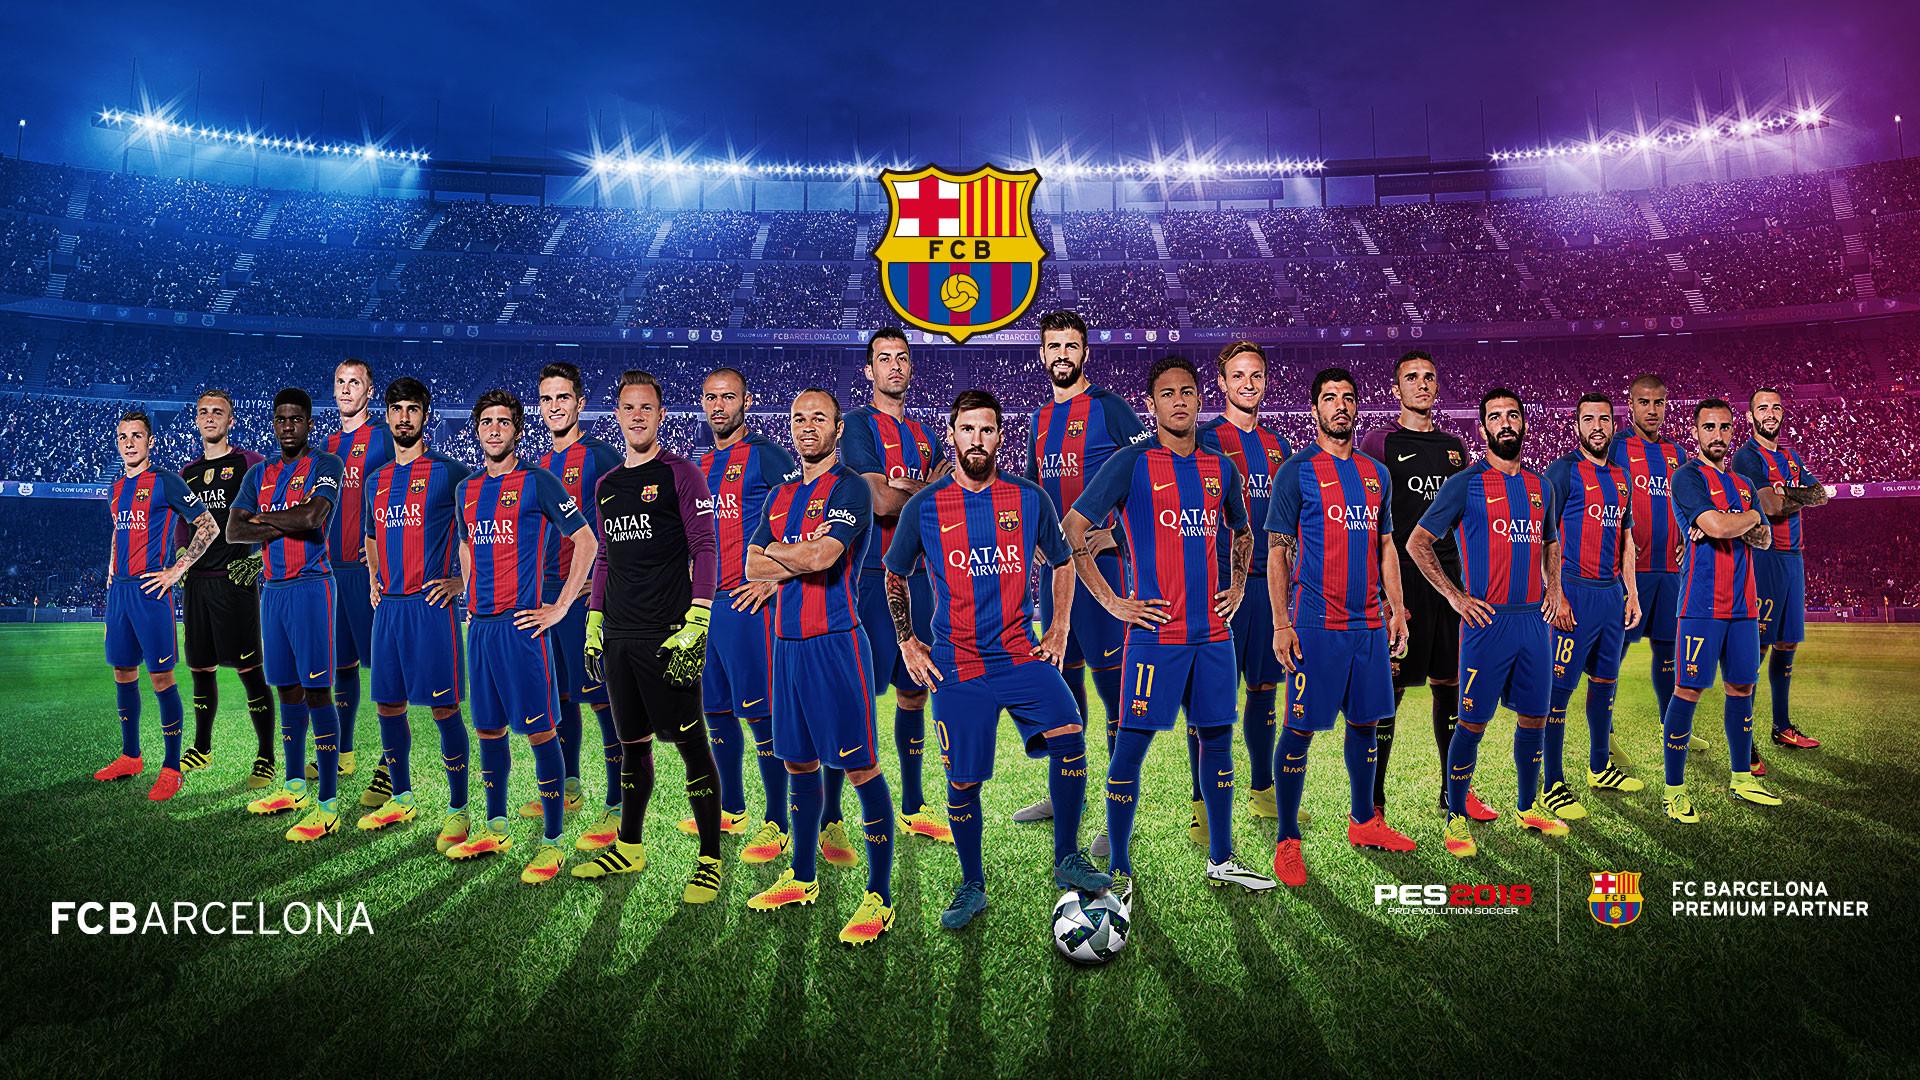 Soccer Wallpapers Backgrounds Pro: Soccer Desktop Backgrounds ·① WallpaperTag